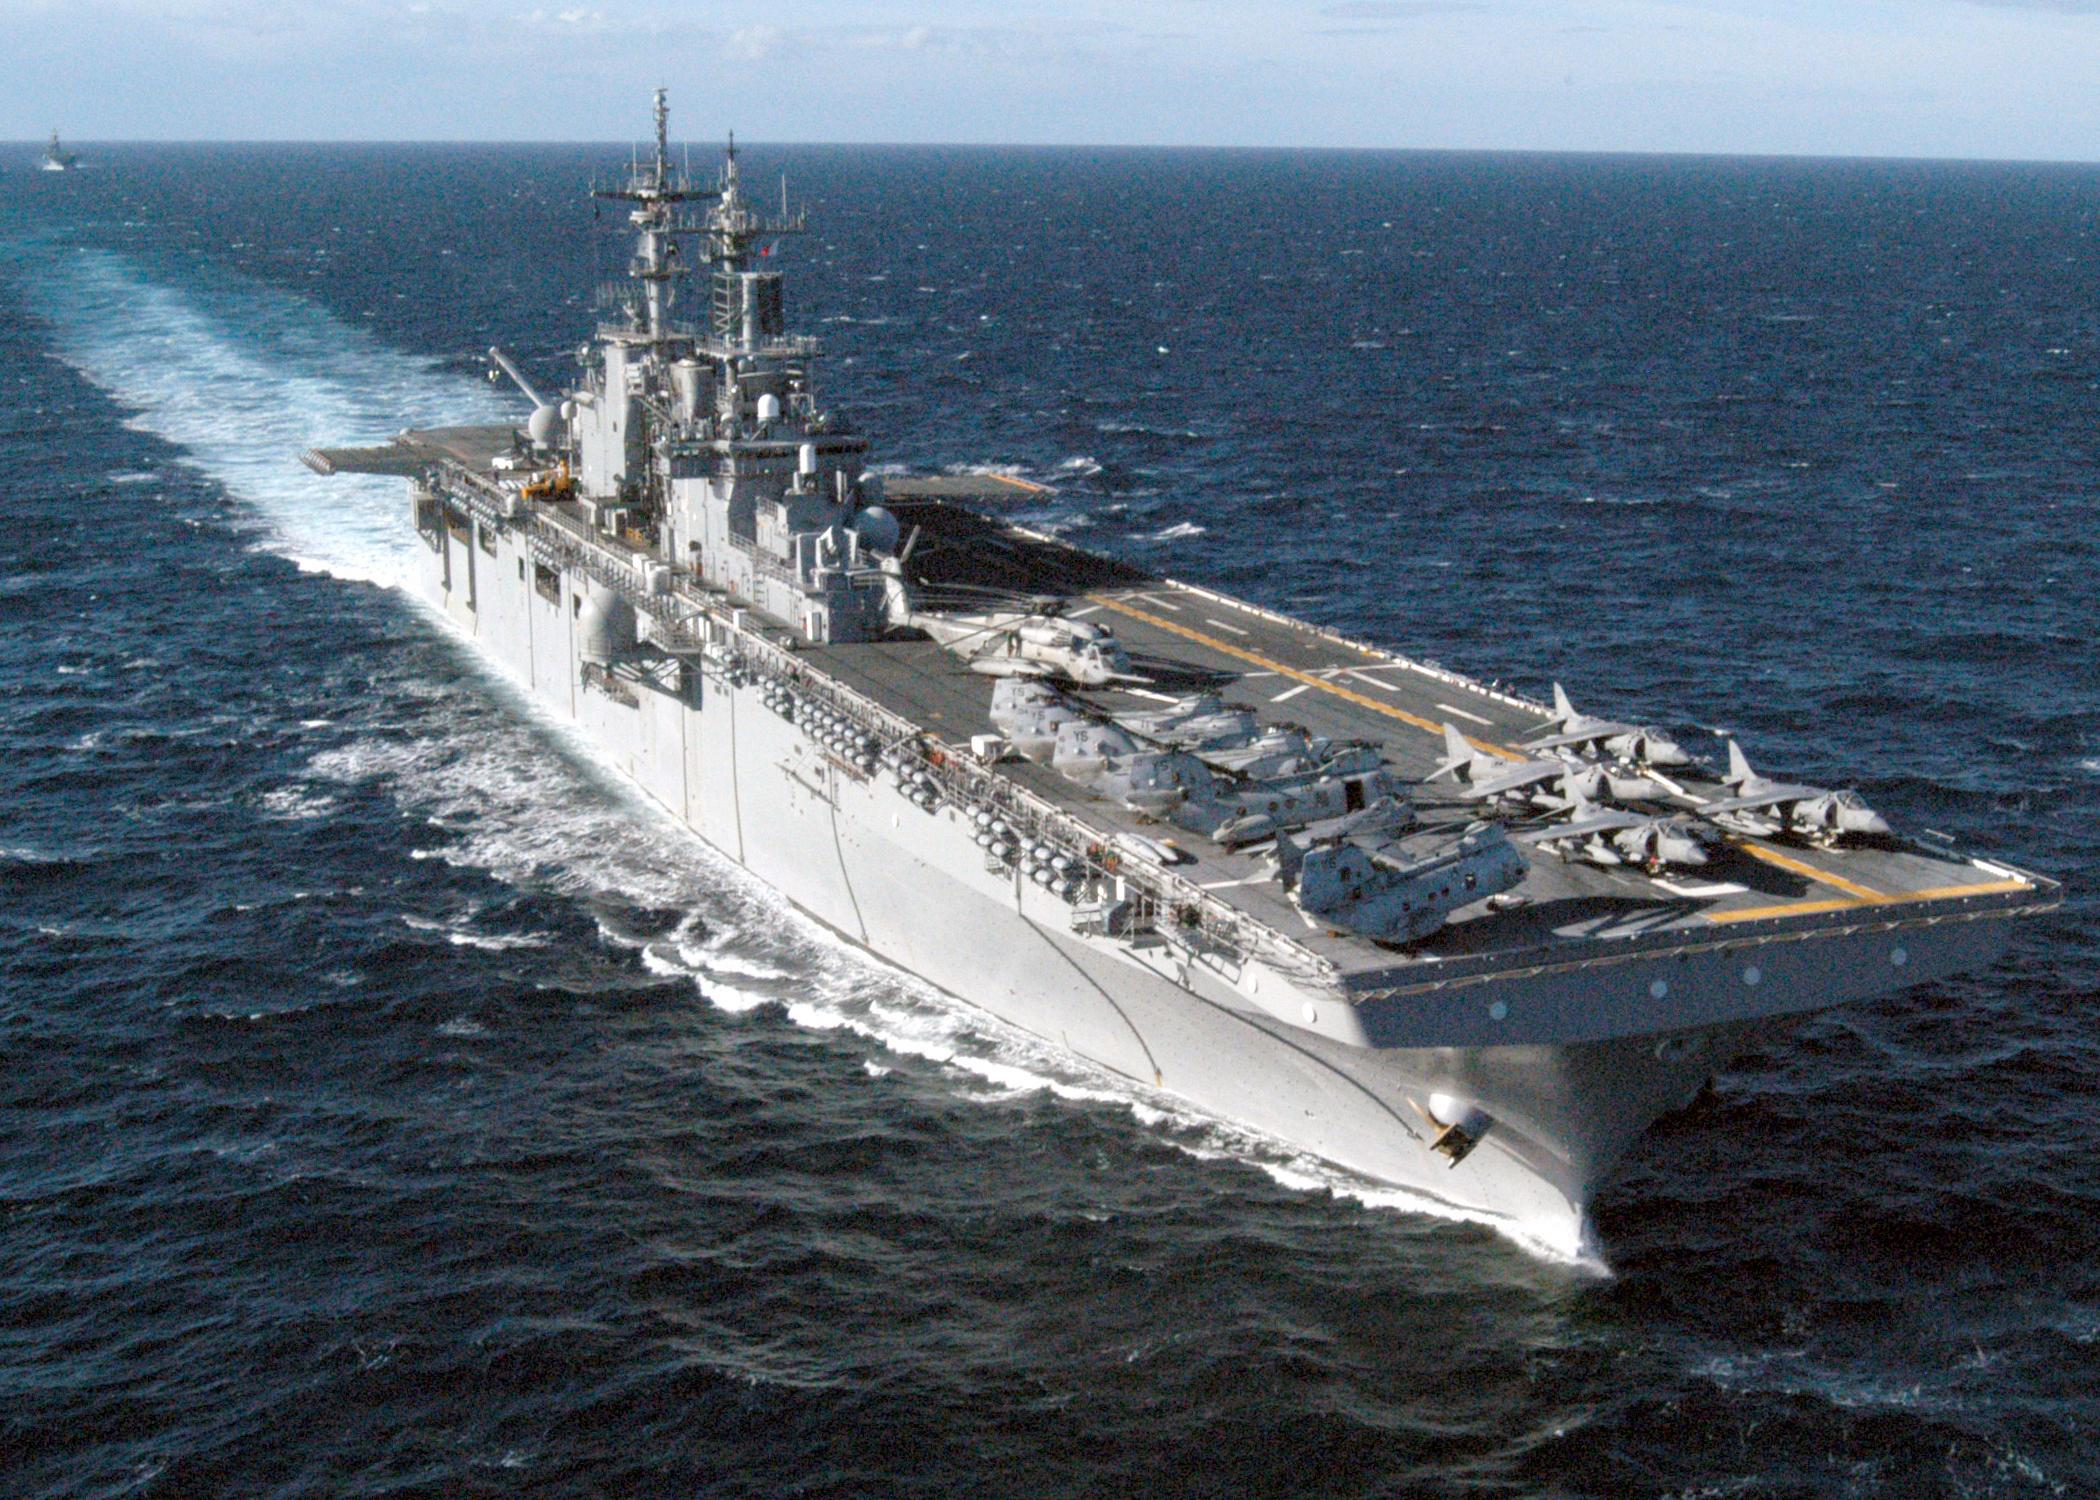 Nhật Bản 'lấn lướt' Trung Quốc với tàu đổ bộ hàng khủng 6